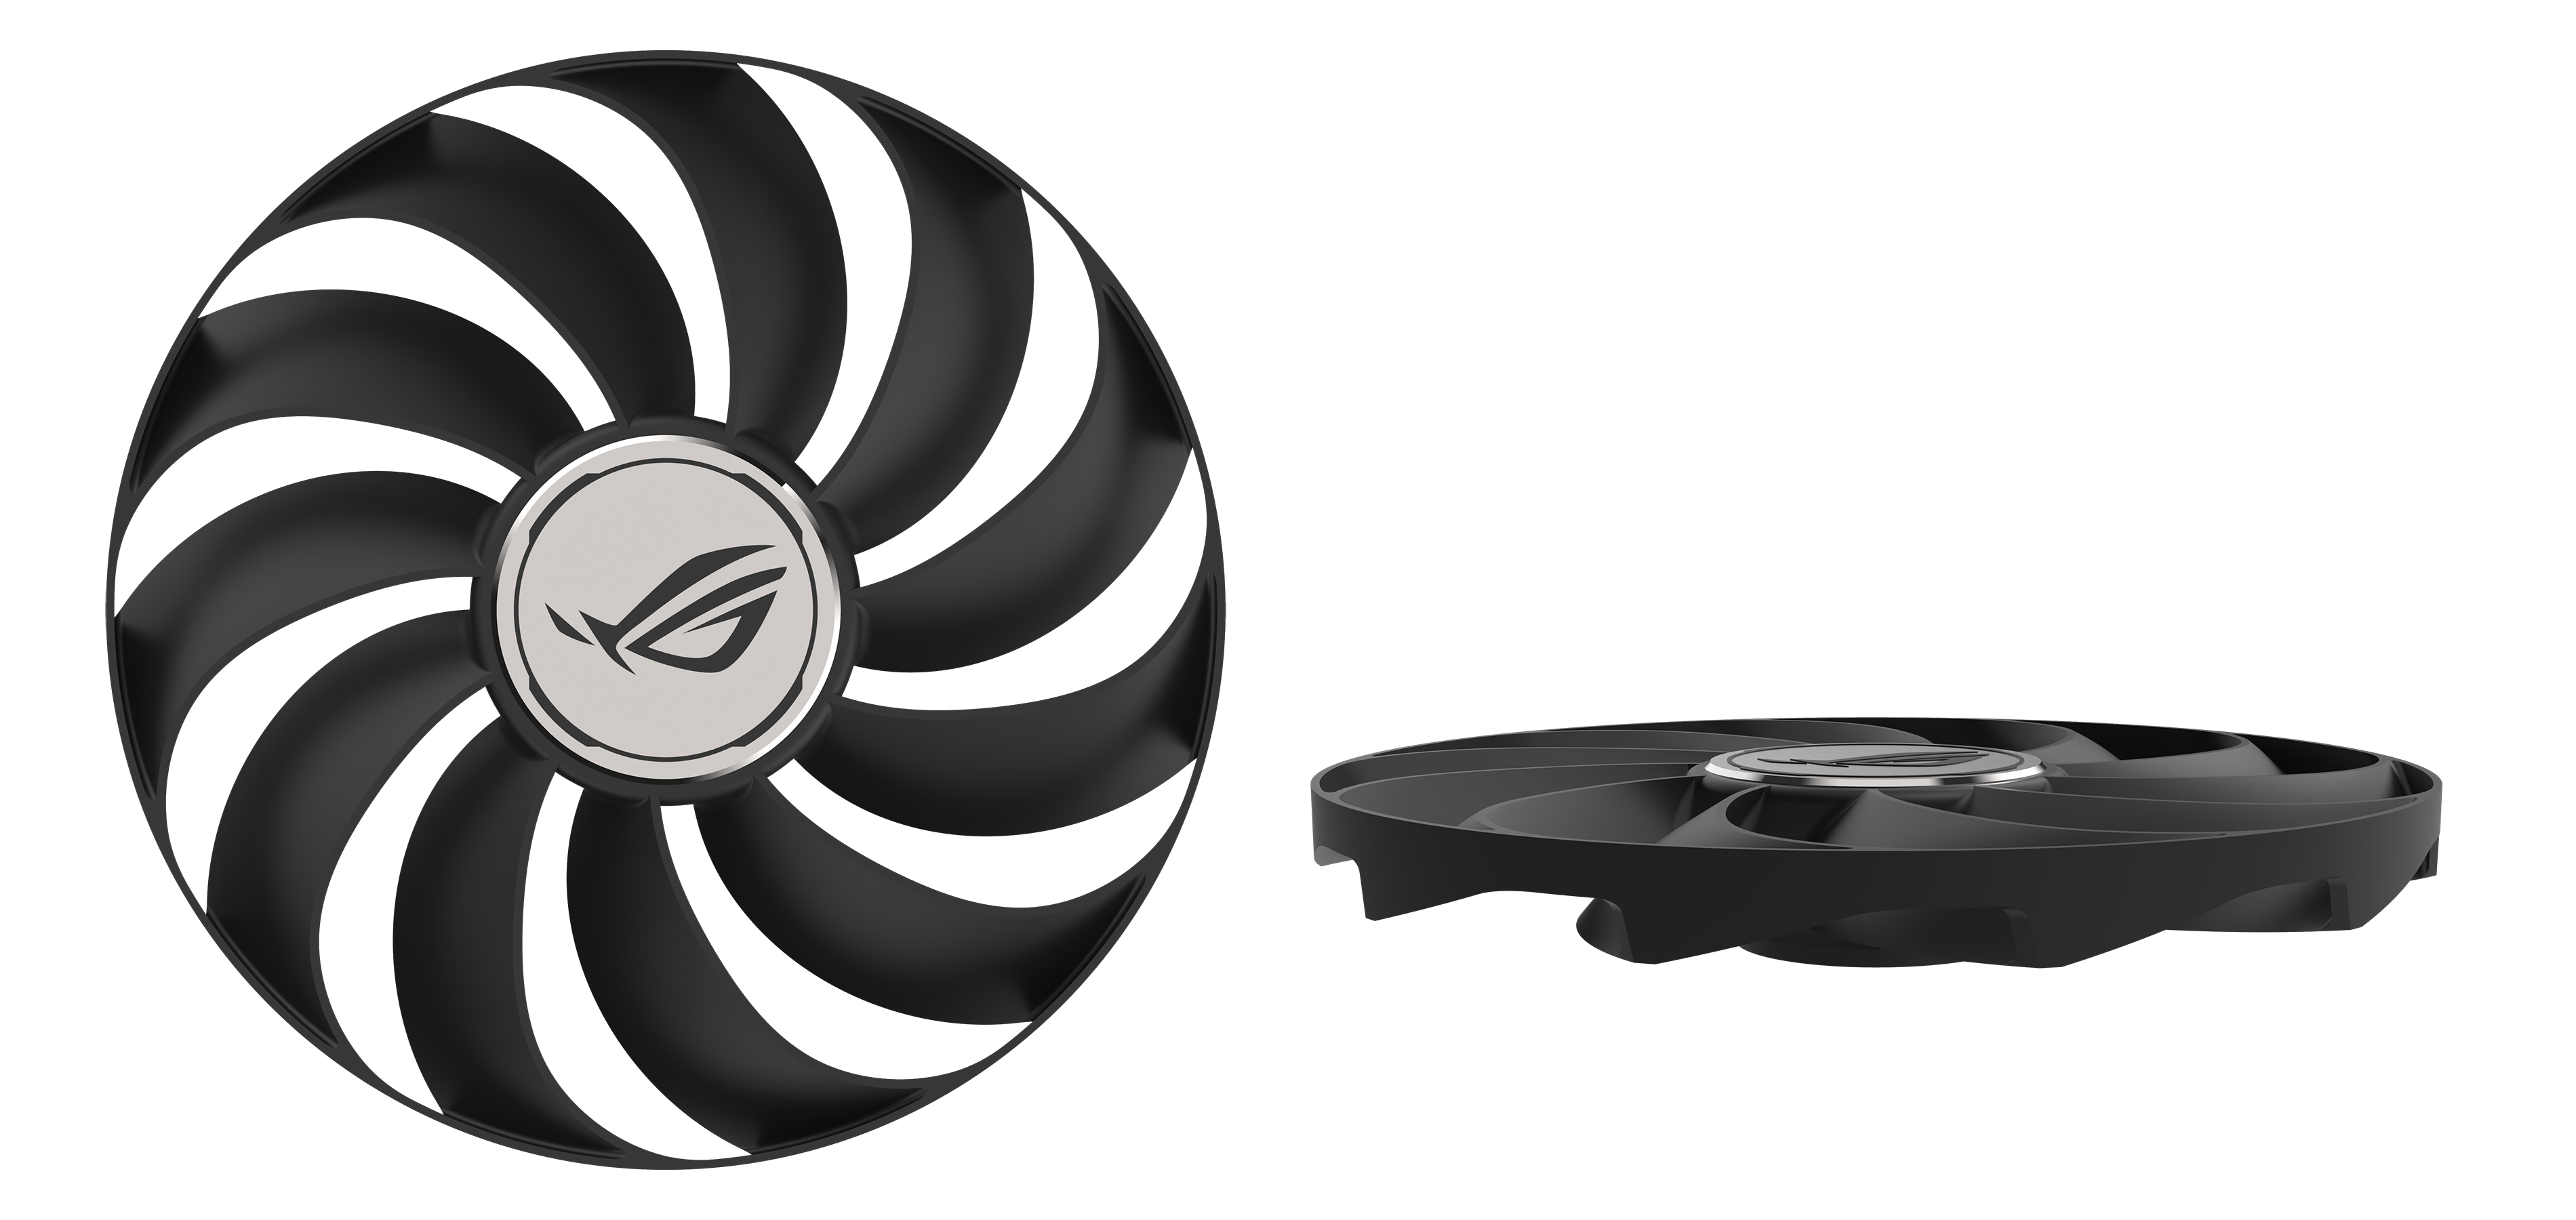 Voor- en zijaanzicht van Axial-tech ventilatoren